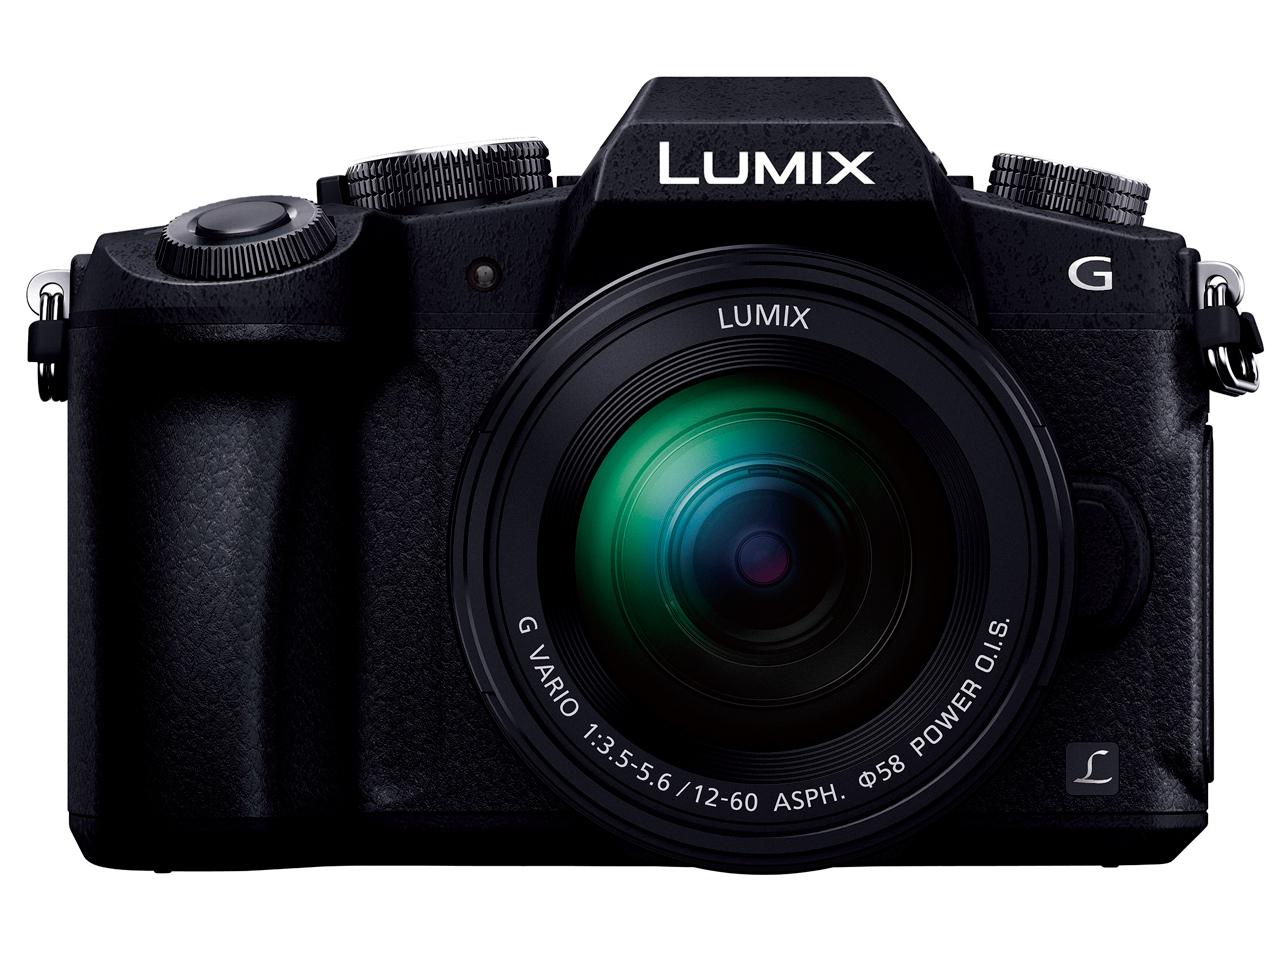 格安販売の パナソニック(Panasonic) LUMIX DMC-G8M DMC-G8M 標準ズームレンズキット LUMIX デジタル一眼カメラ, RODEO BROS 2nd(ロデオブロス):e7bf569c --- beautyflurry.com